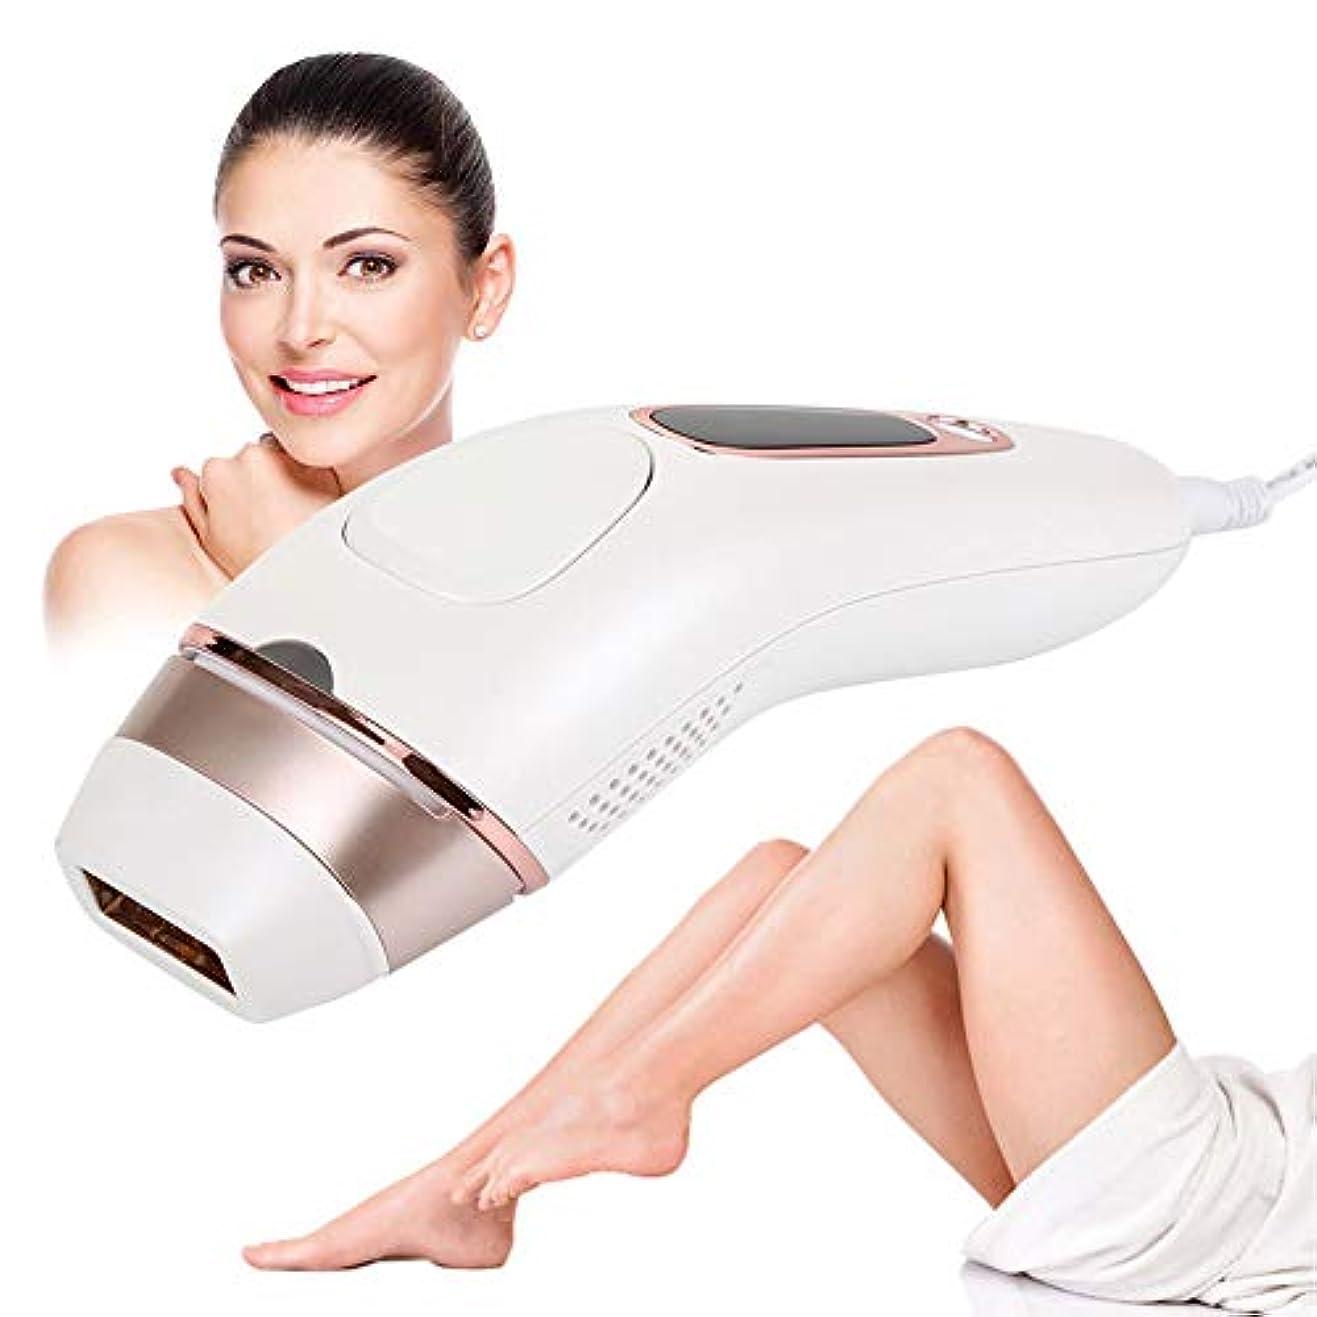 スピンタイムリーな組み合わせる脱毛装置、家庭用フェイス&ボディビキニゾーン&脇の下、500,000フラッシュのためのIpL痛みのない永久的なボディヘアリムーバーレーザー脱毛機